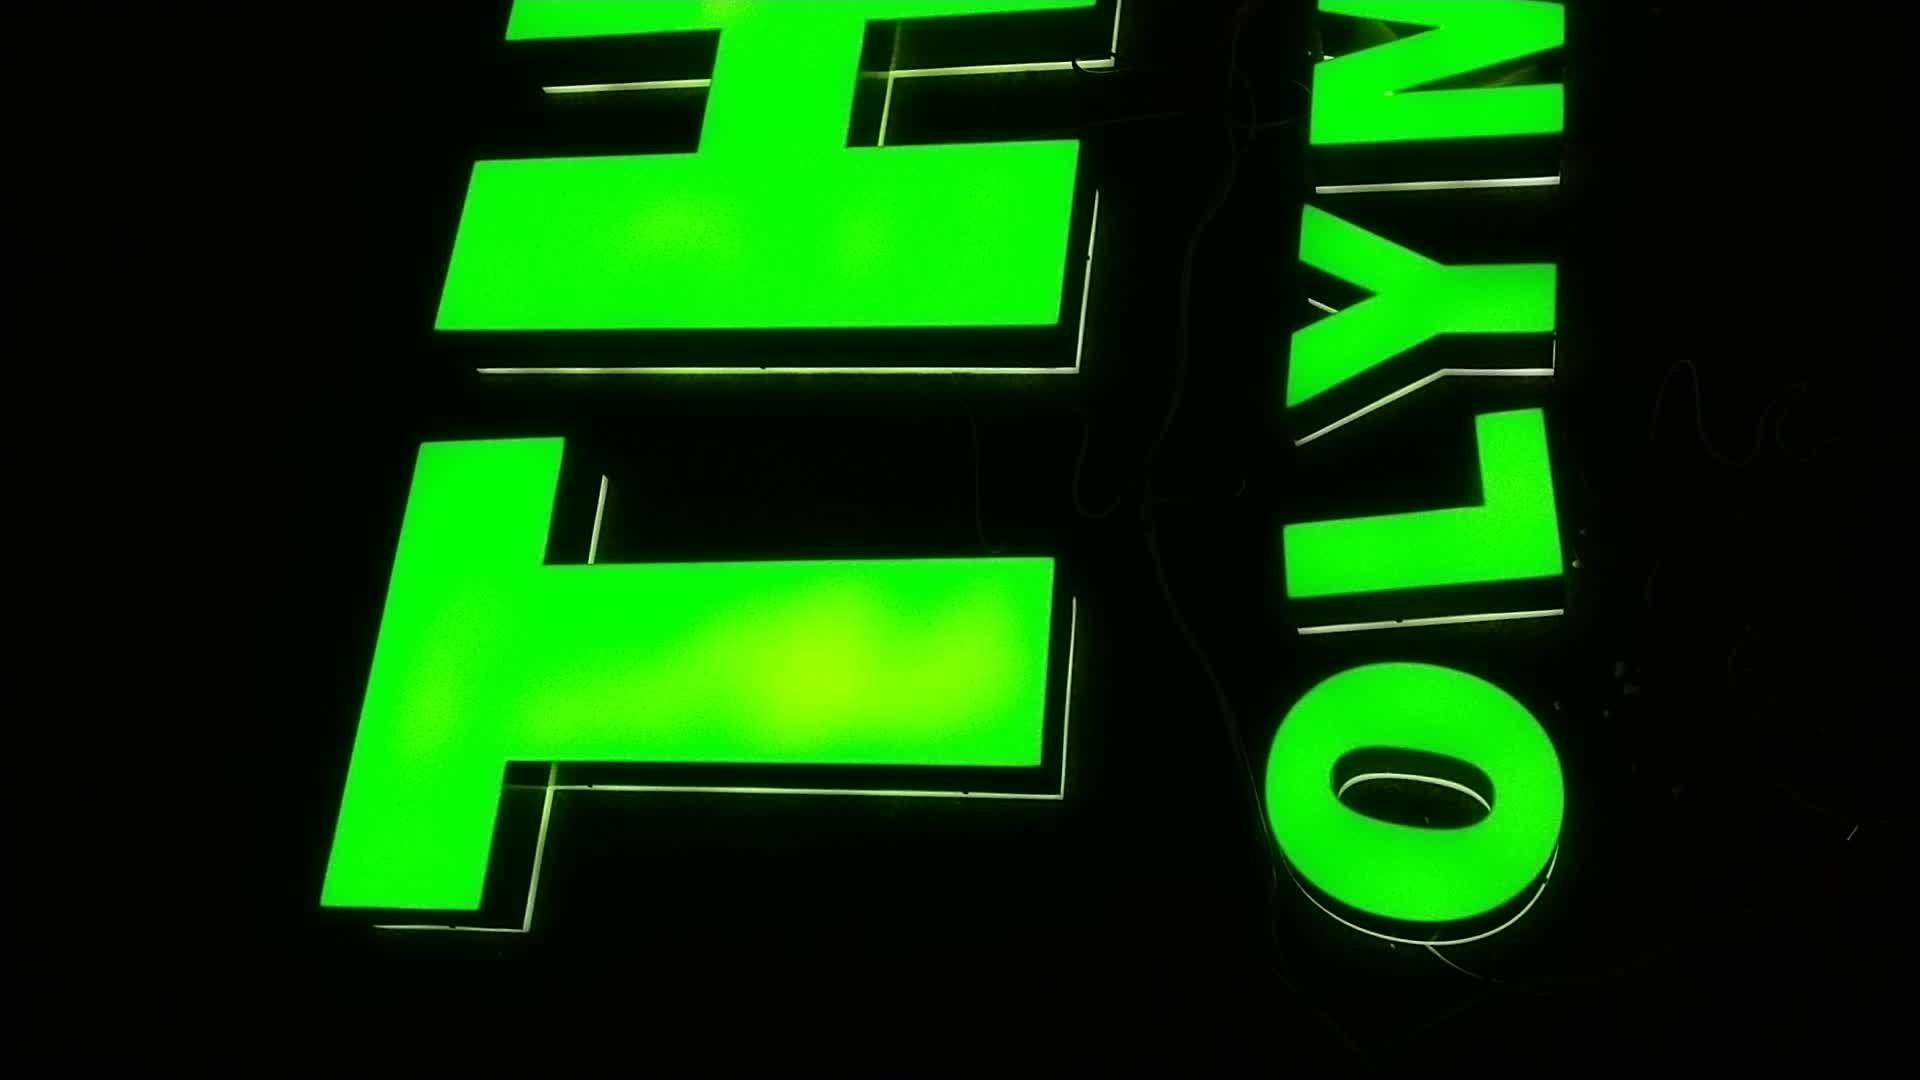 Personalizado decoração do partido neon display 3d led carta sinal luzes